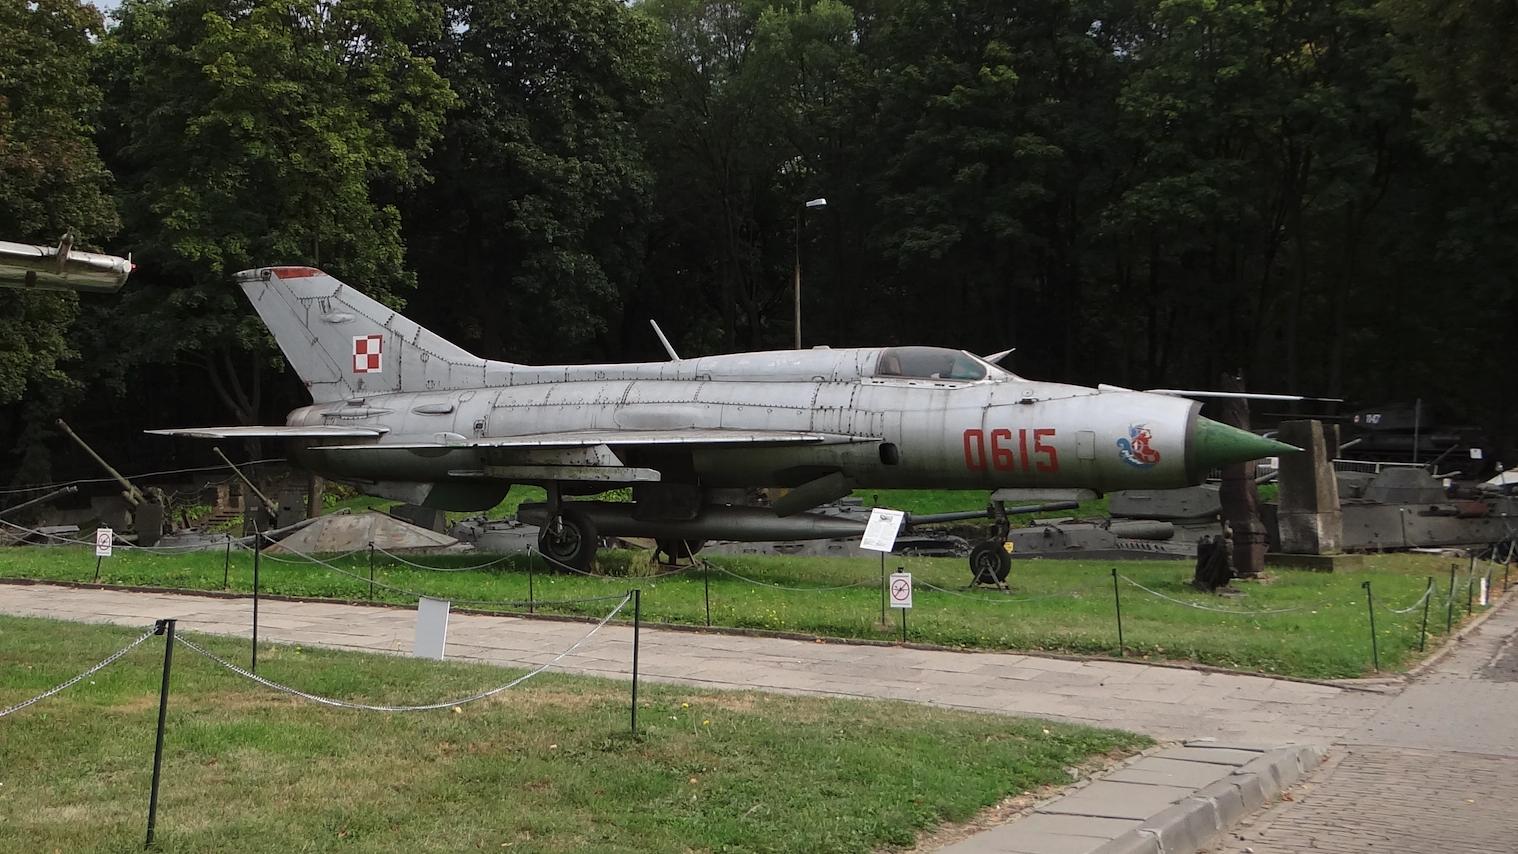 MiG-21 PF nb 0615. Warszawa 2012 year. Photo by Karol Placha Hetman